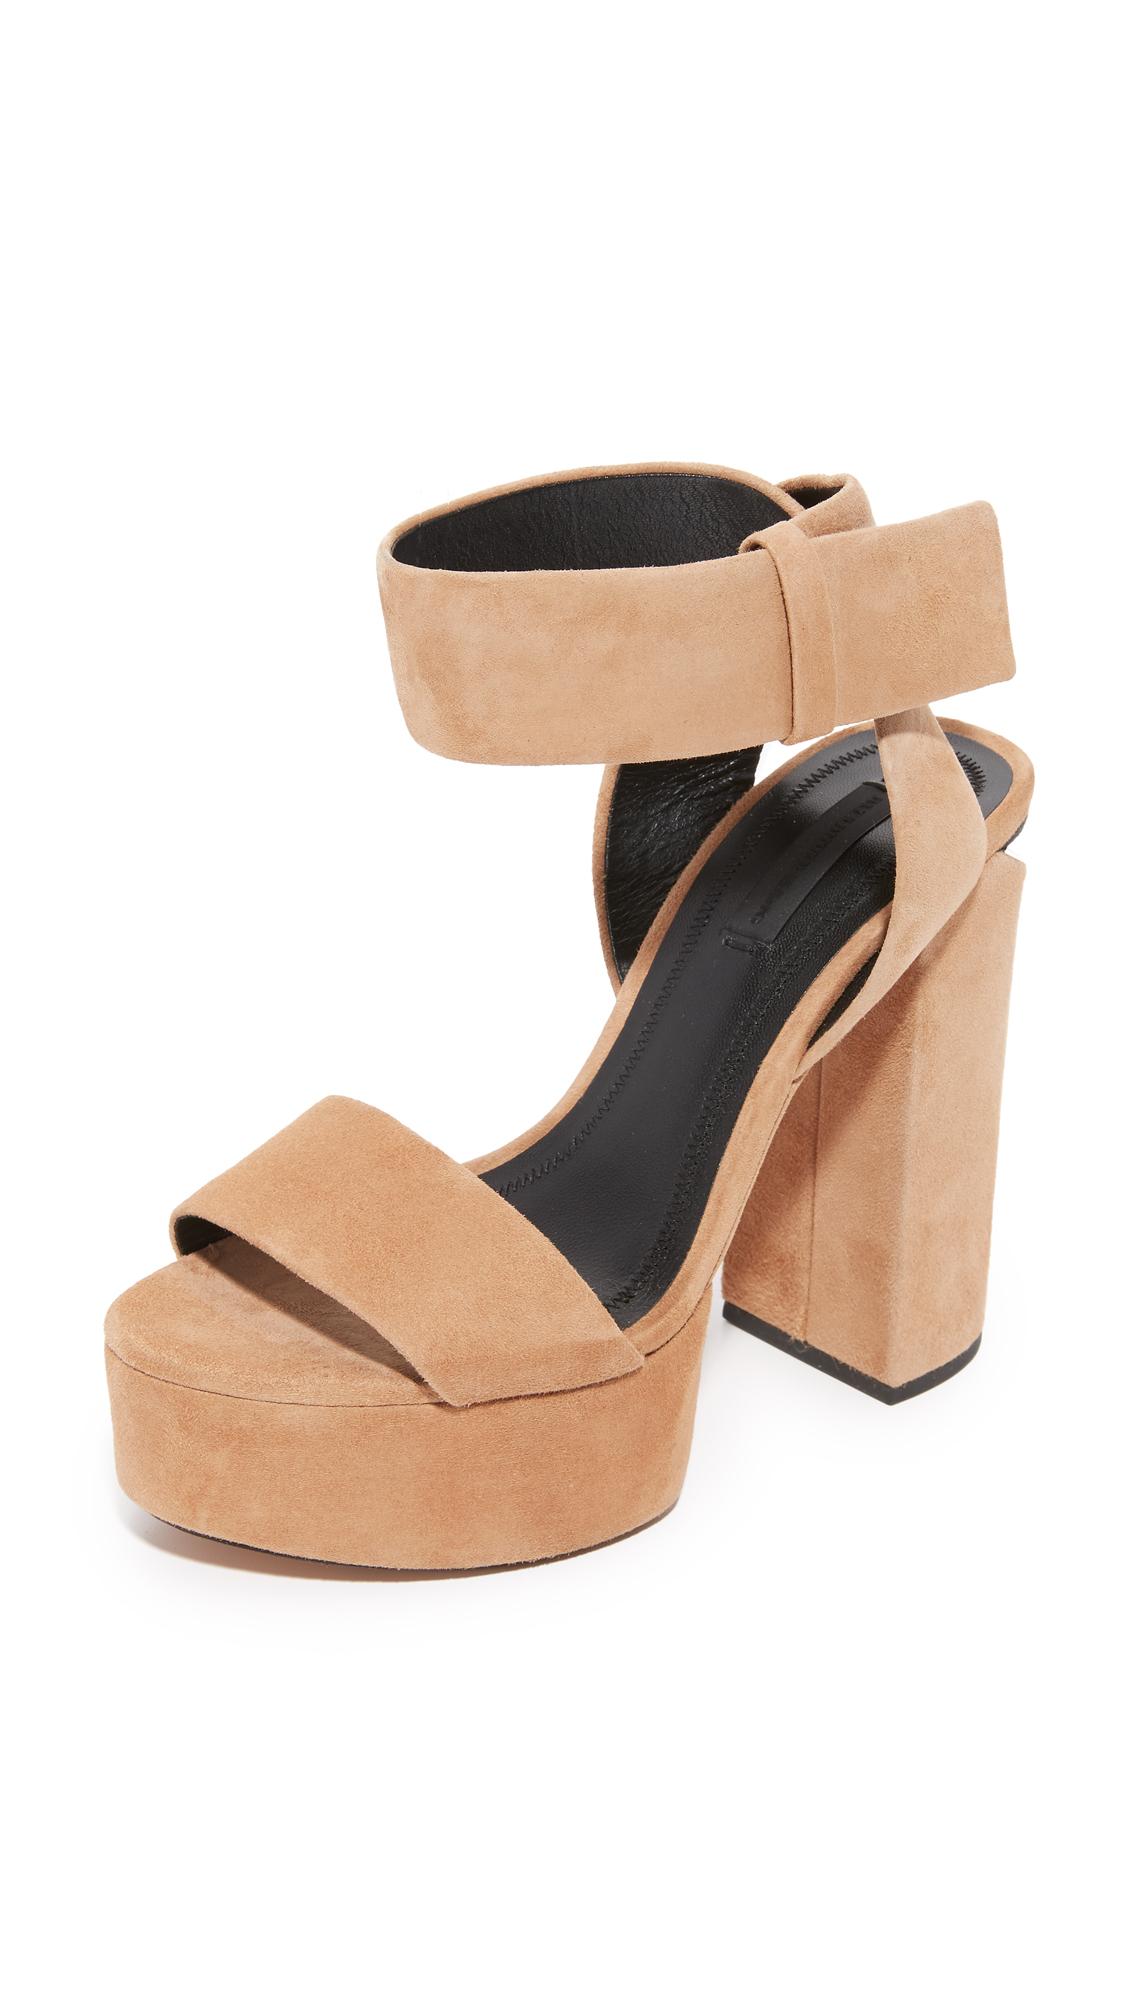 Alexander Wang Keke Platform Sandals - Clay/Rhodium at Shopbop